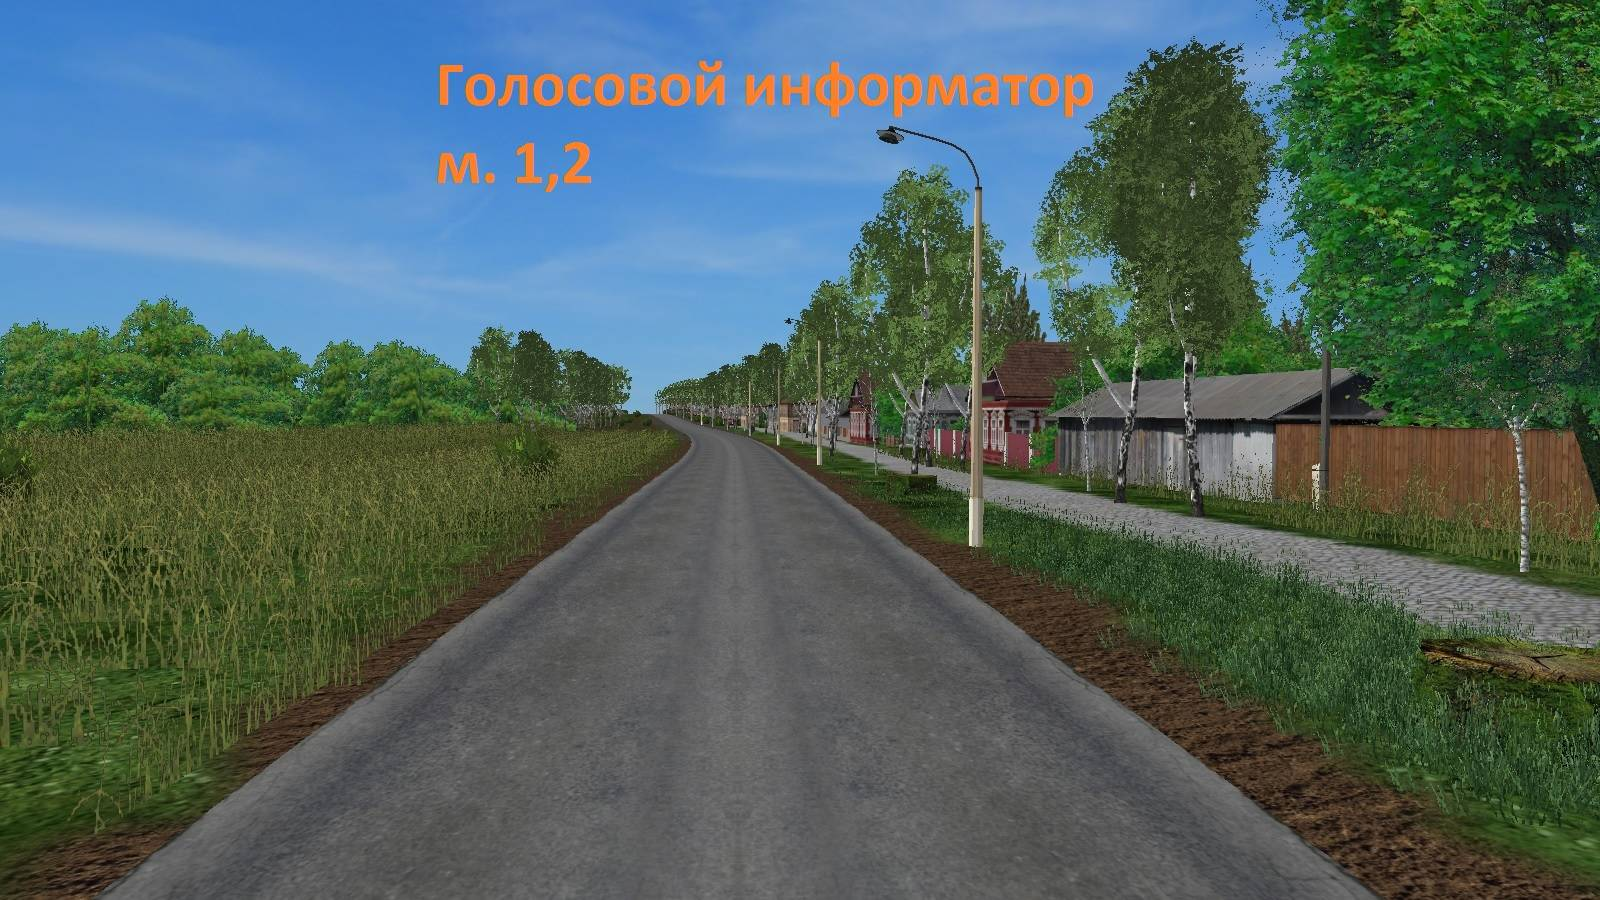 Информатор к карте Cуздаль 2.1